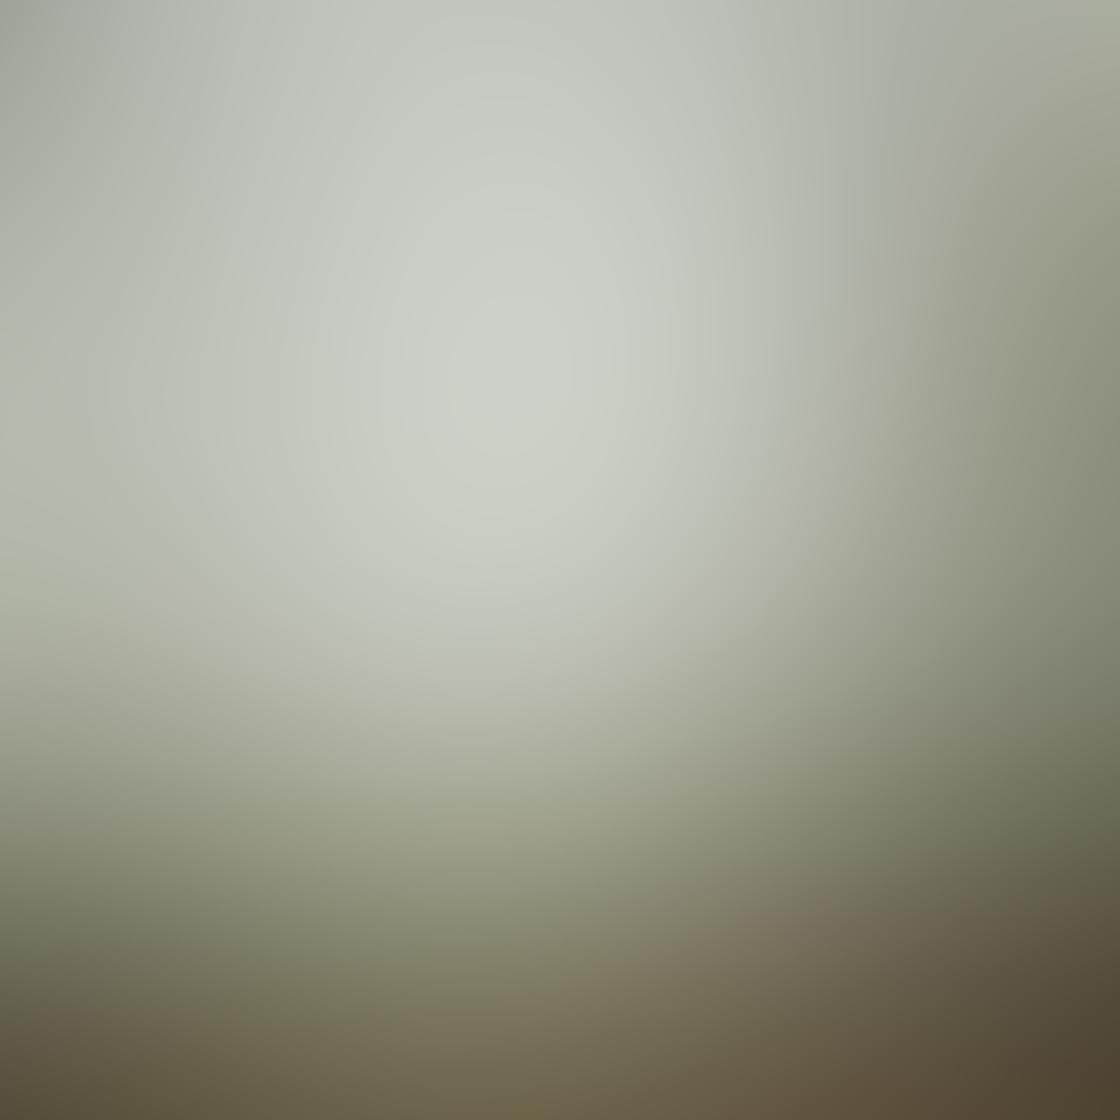 Mist Fog iPhone Photos 18